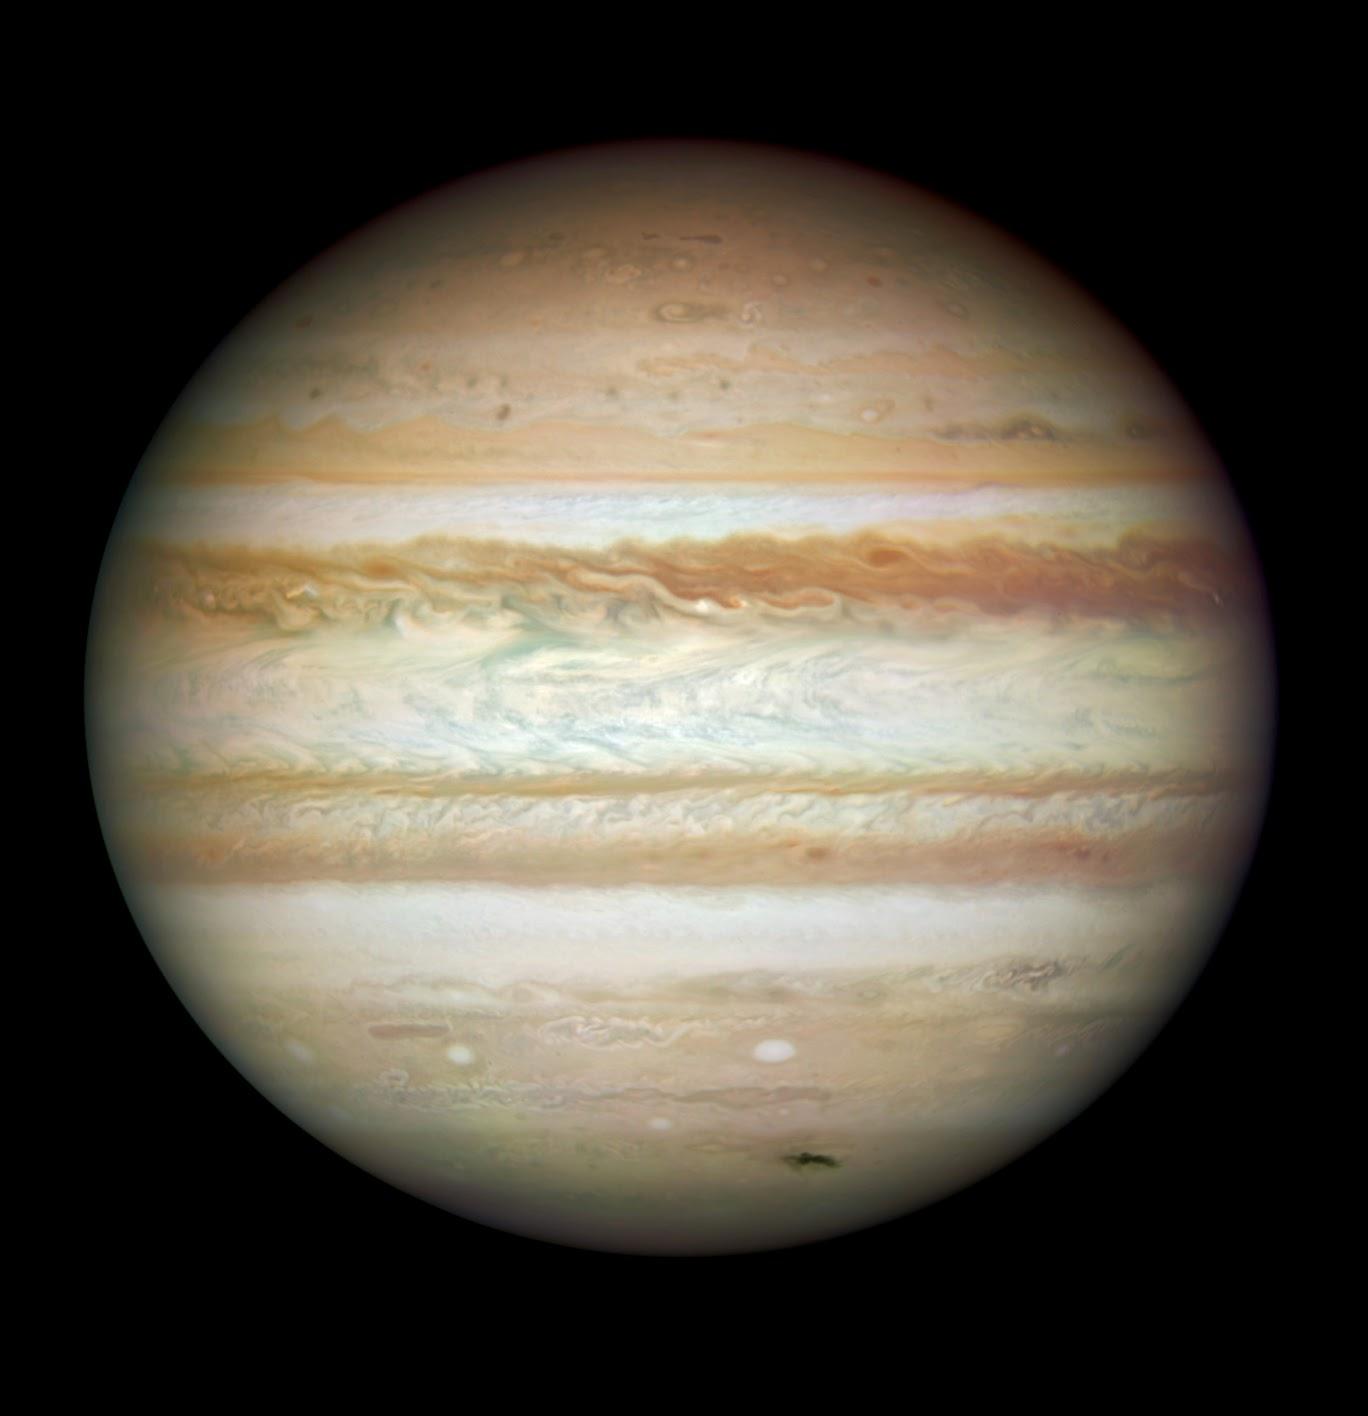 Hubble Space Telescope Venus - Pics about space